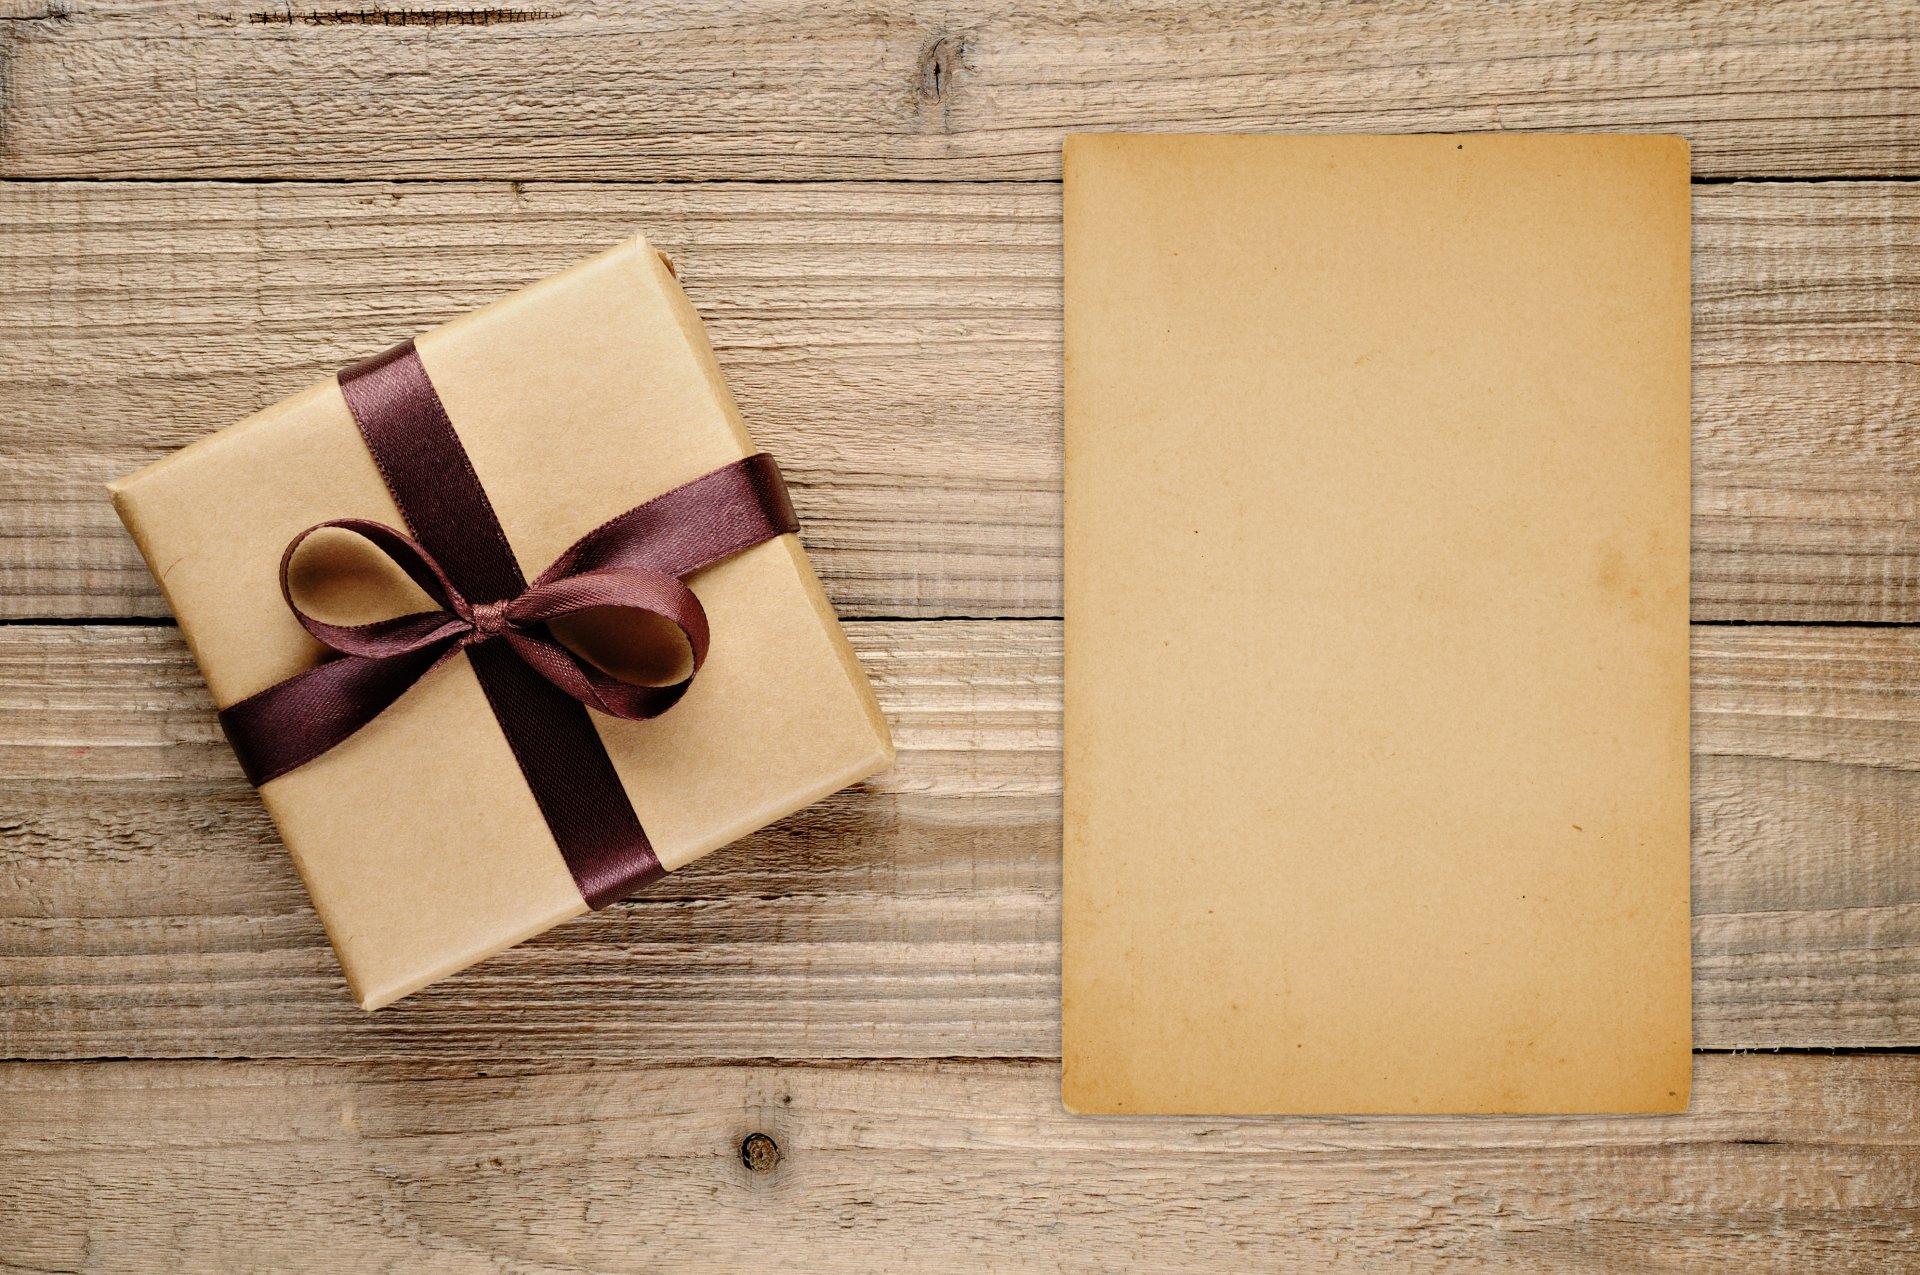 Фон мужской открытки с днем рождения, шерлоком приколы